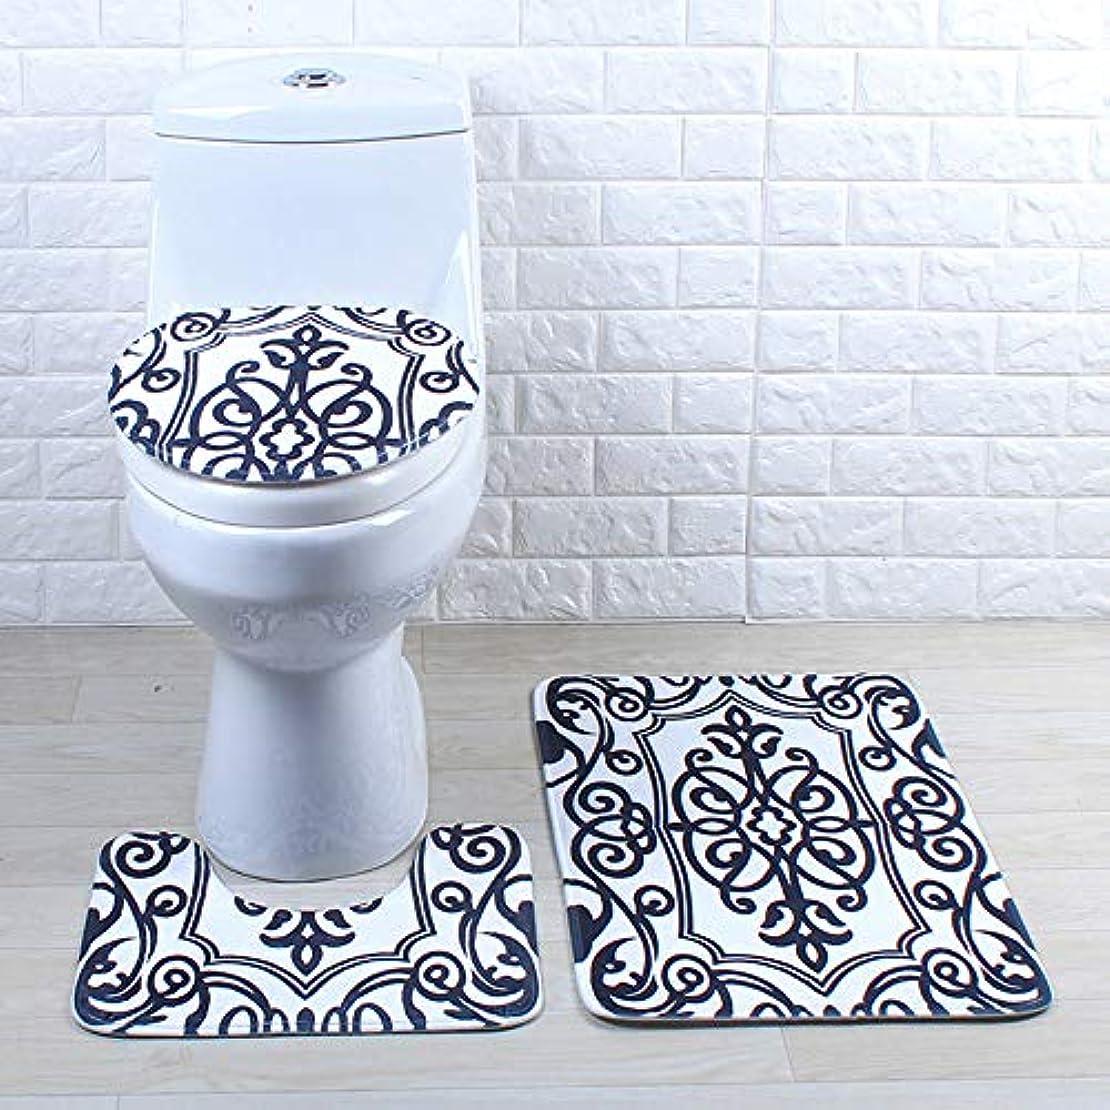 ベイビーパシフィック持っている3ピース/セットオーシャンパターンバスマット浴室滑り止めマットセットフランネル吸収トイレシートカバー敷物バスルームアクセサリー (L)